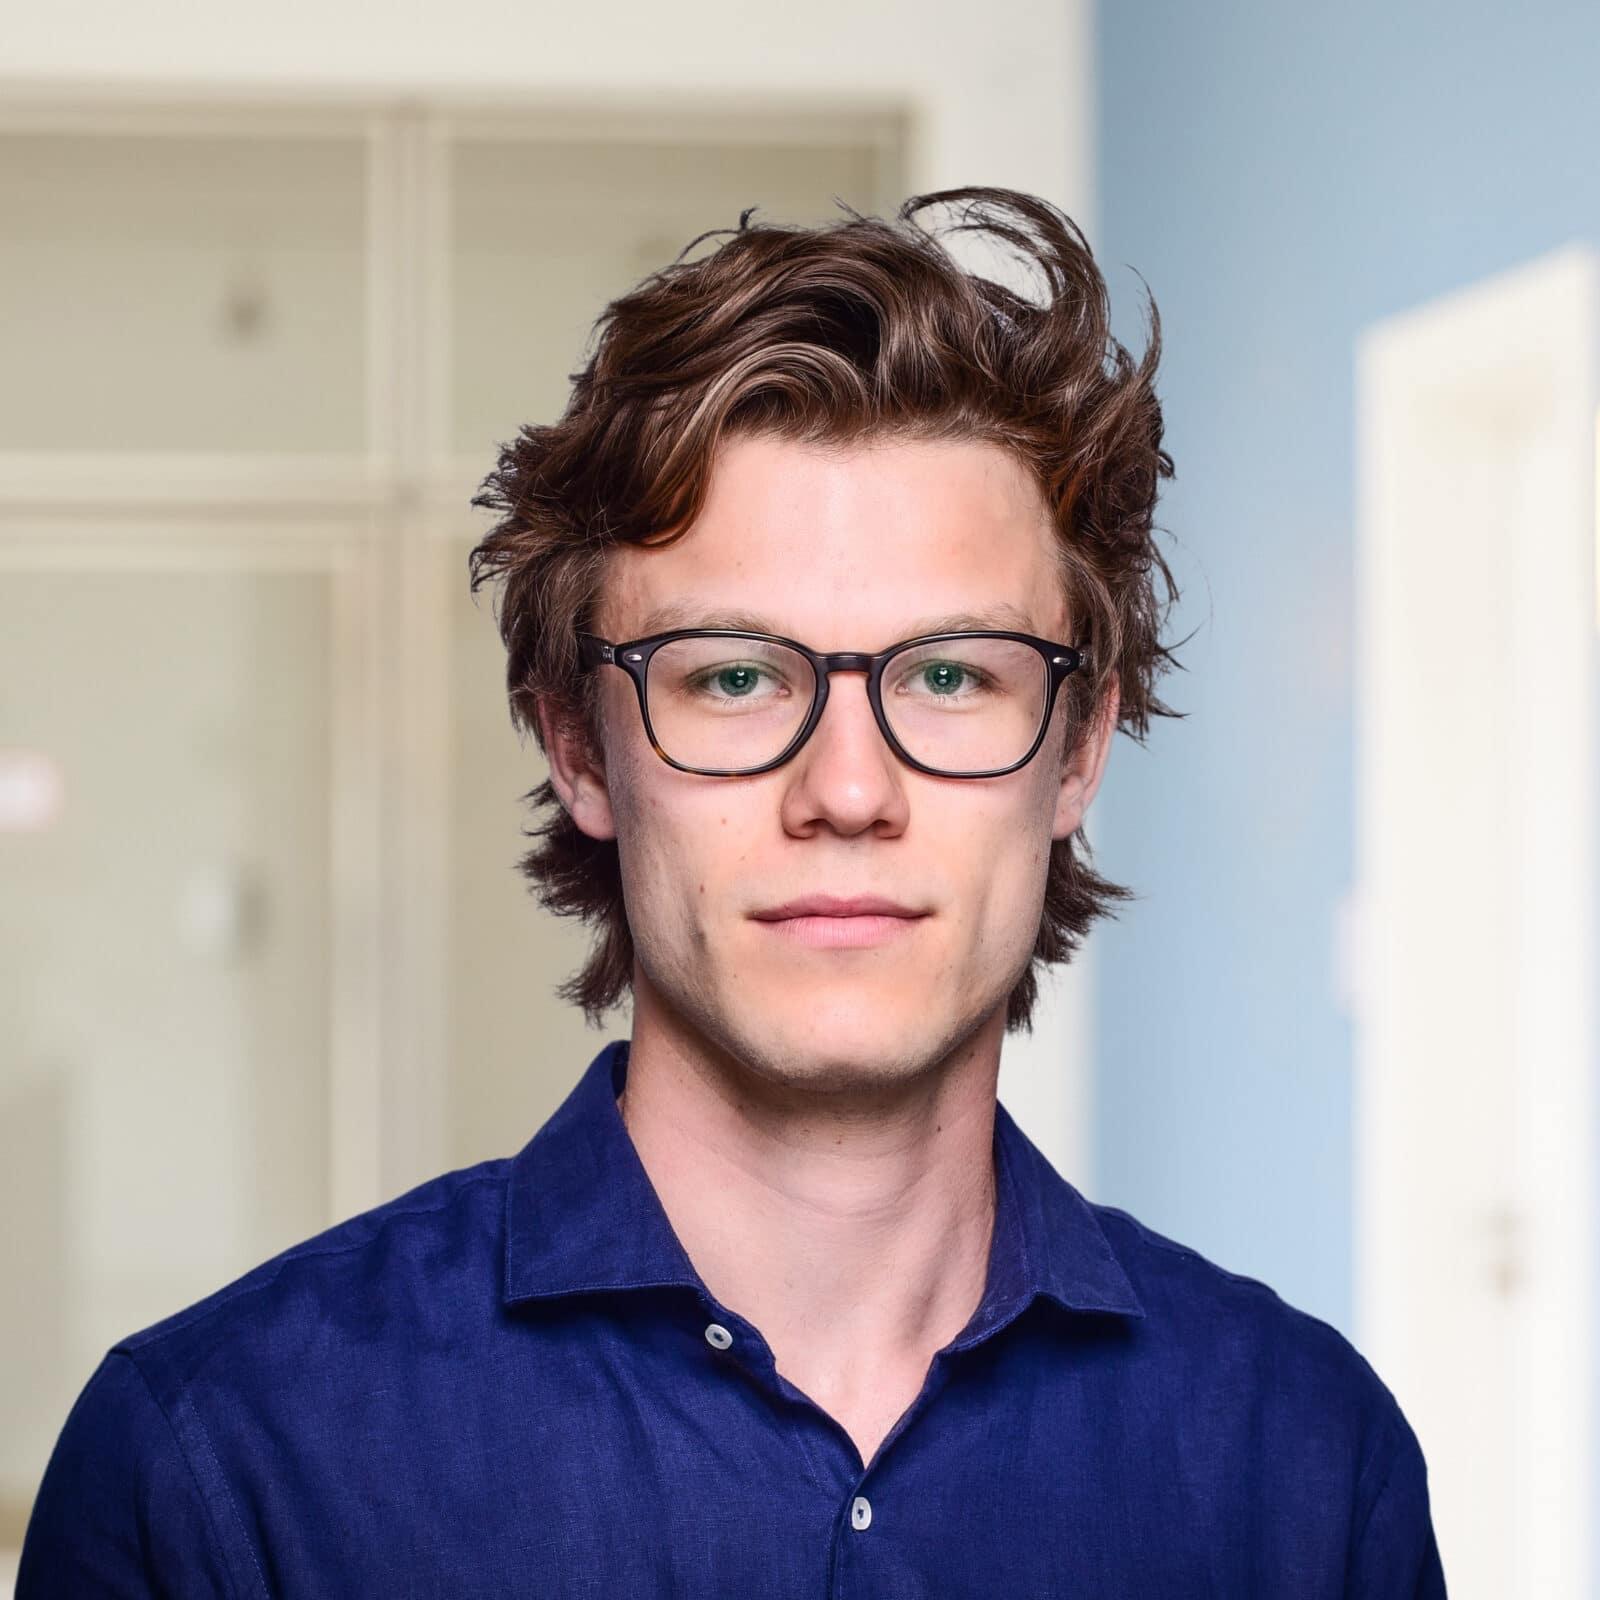 Niklas Florian Taft